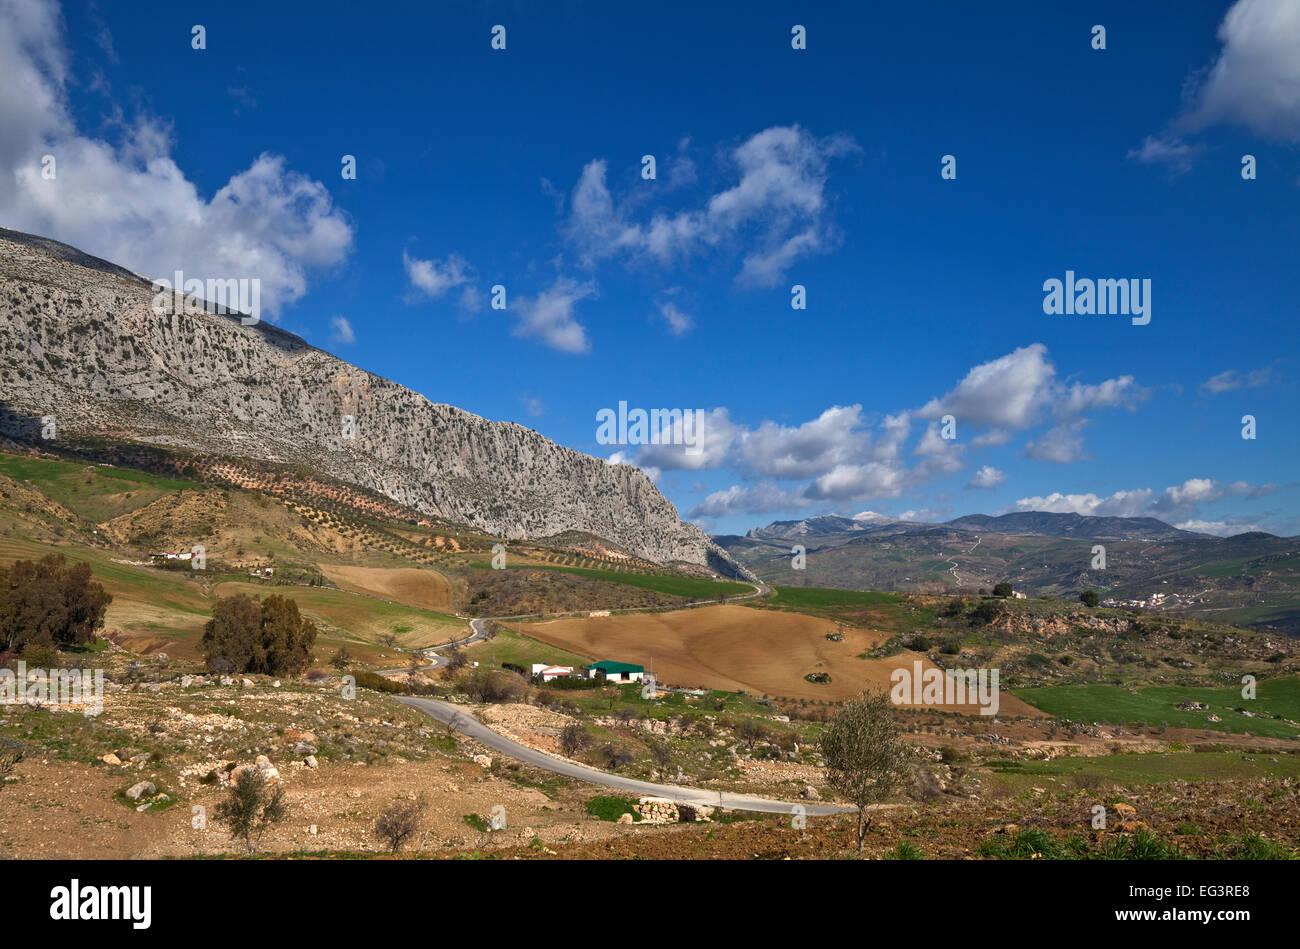 Farmland at the edge of El Torcal,  Antequera, Malaga Province,  Andalucia, Spain - Stock Image